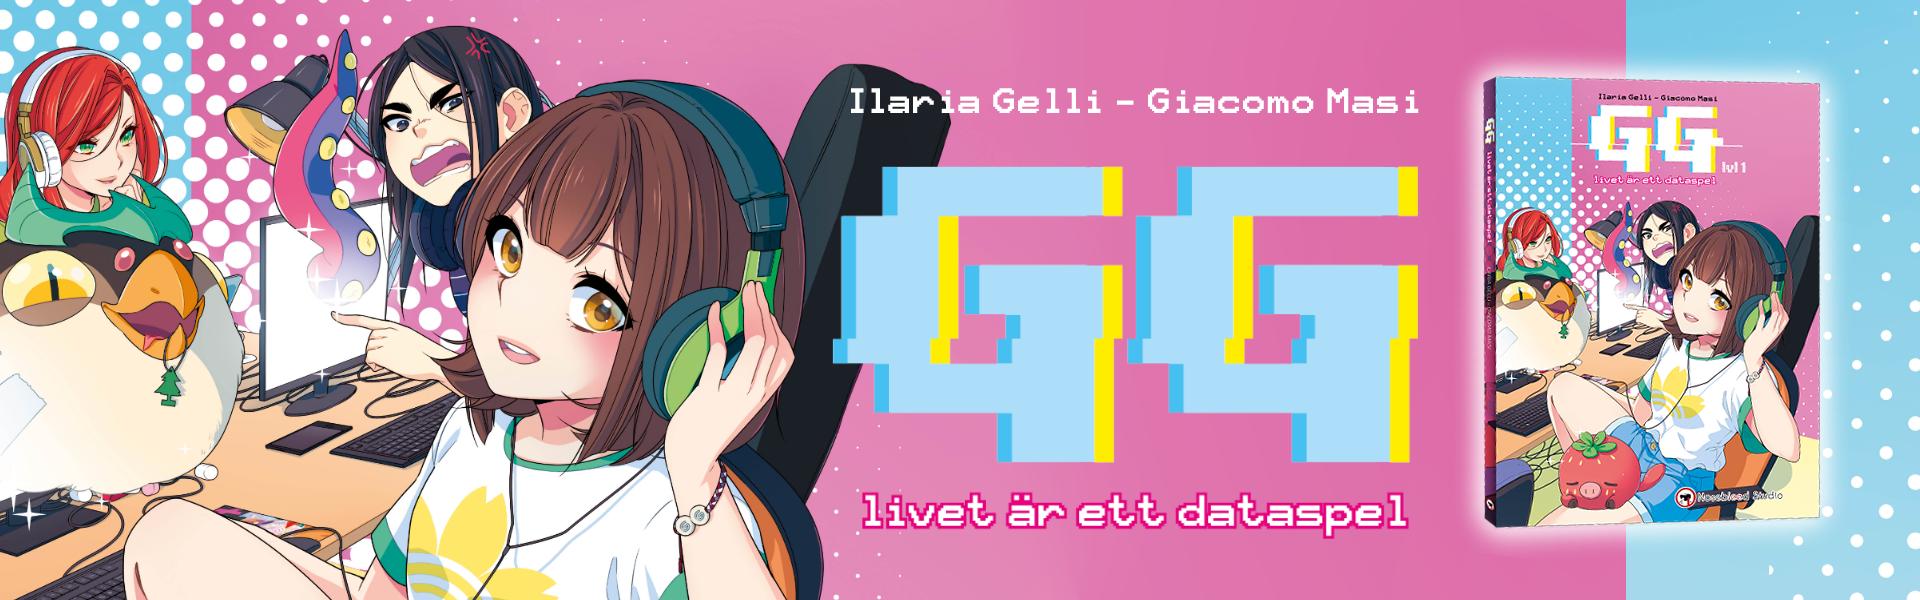 GG - livet är ett dataspel